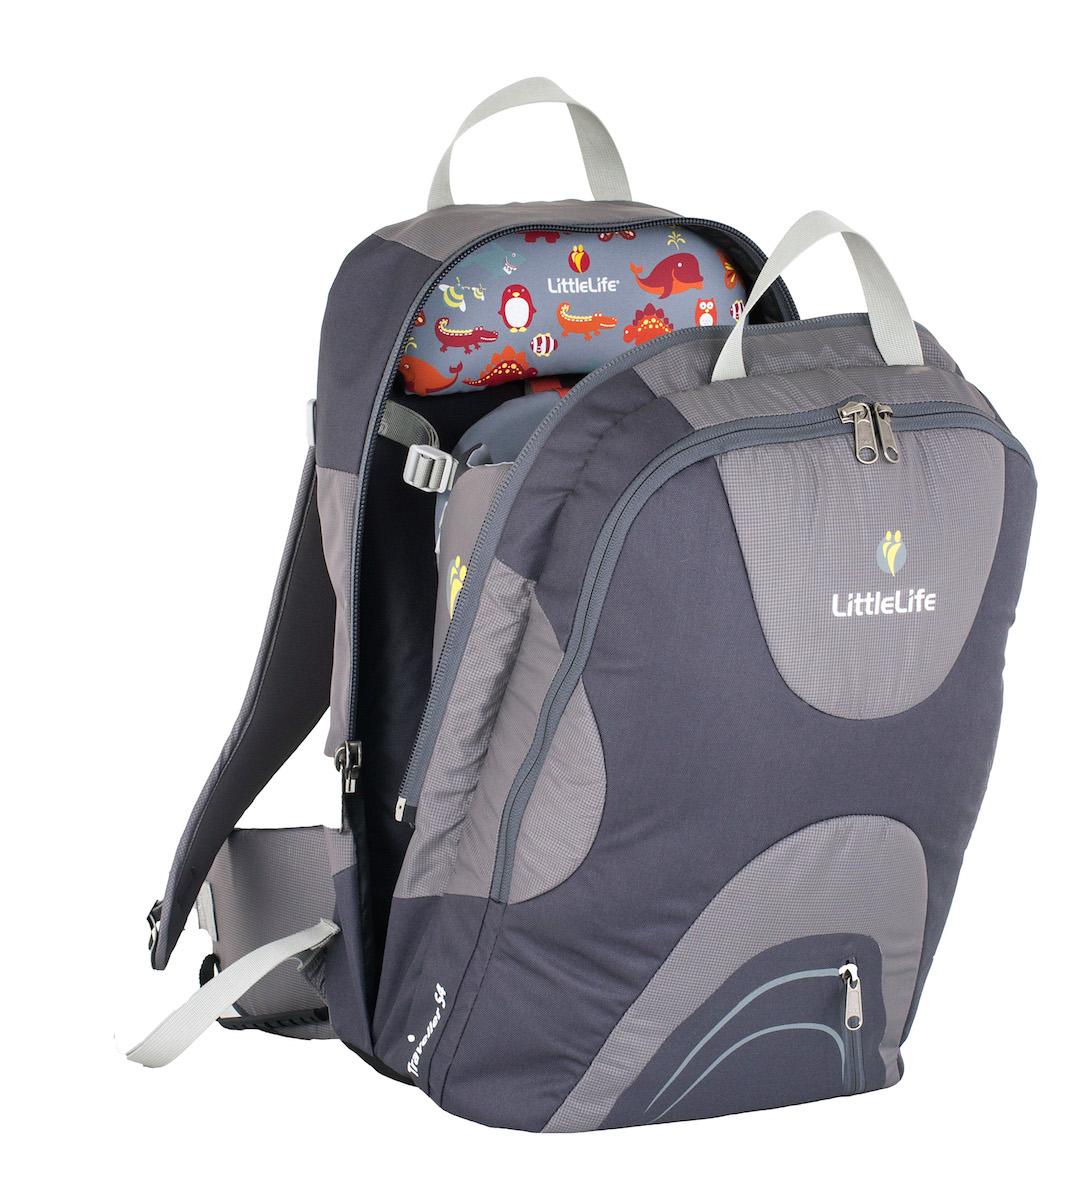 LittleLife Traveller S4 - Kid carrier